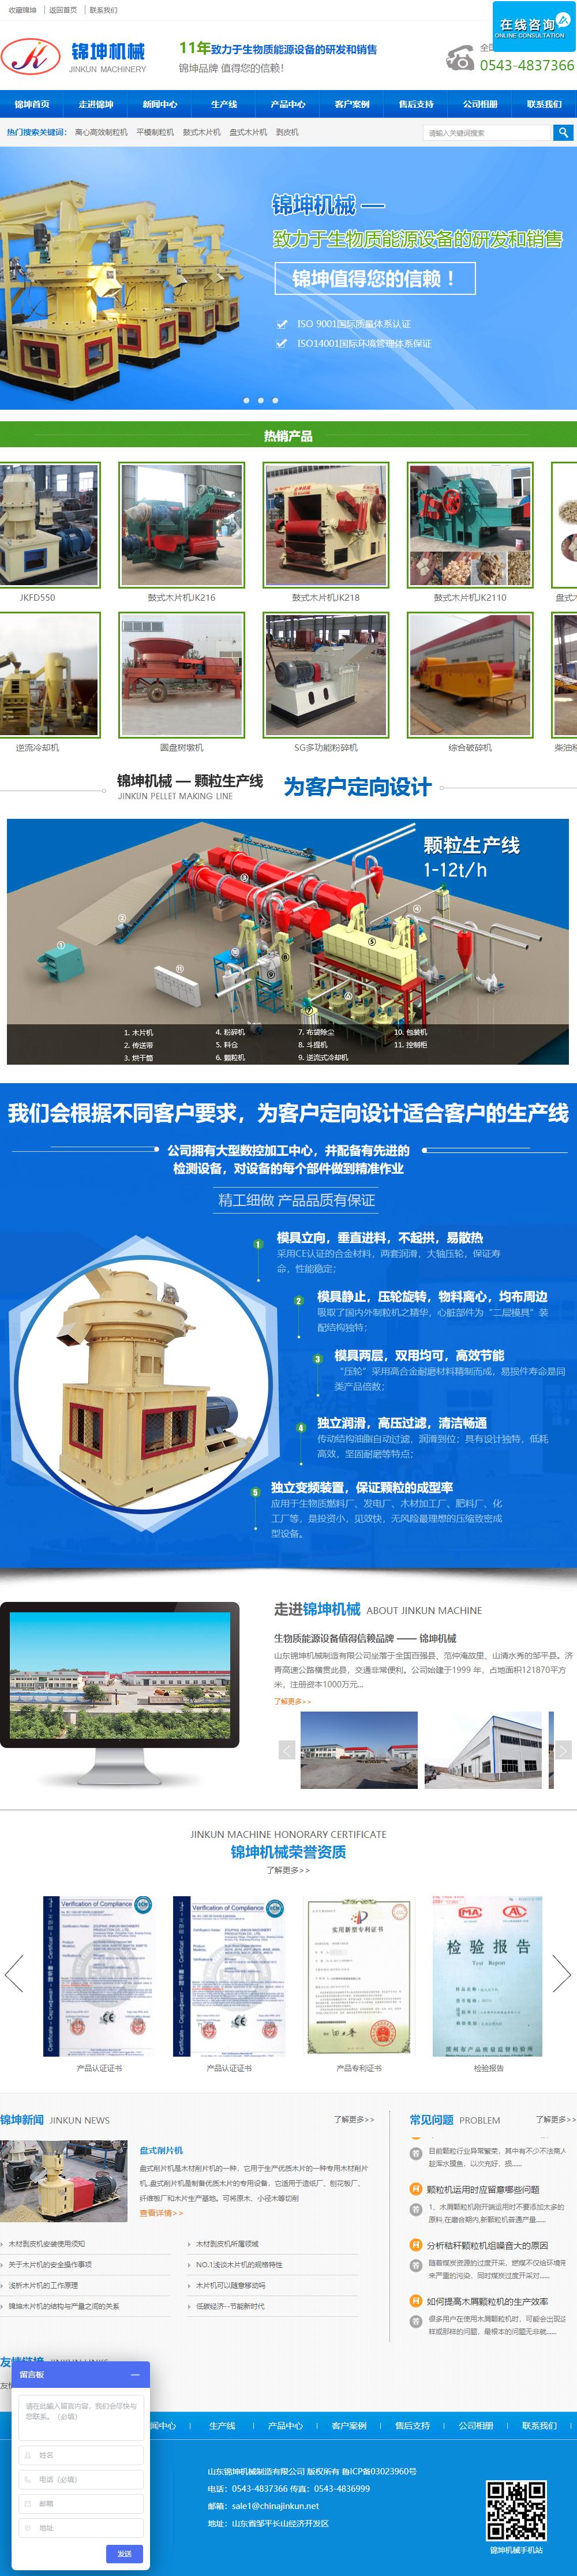 山东锦坤机械制造有限公司网站案例